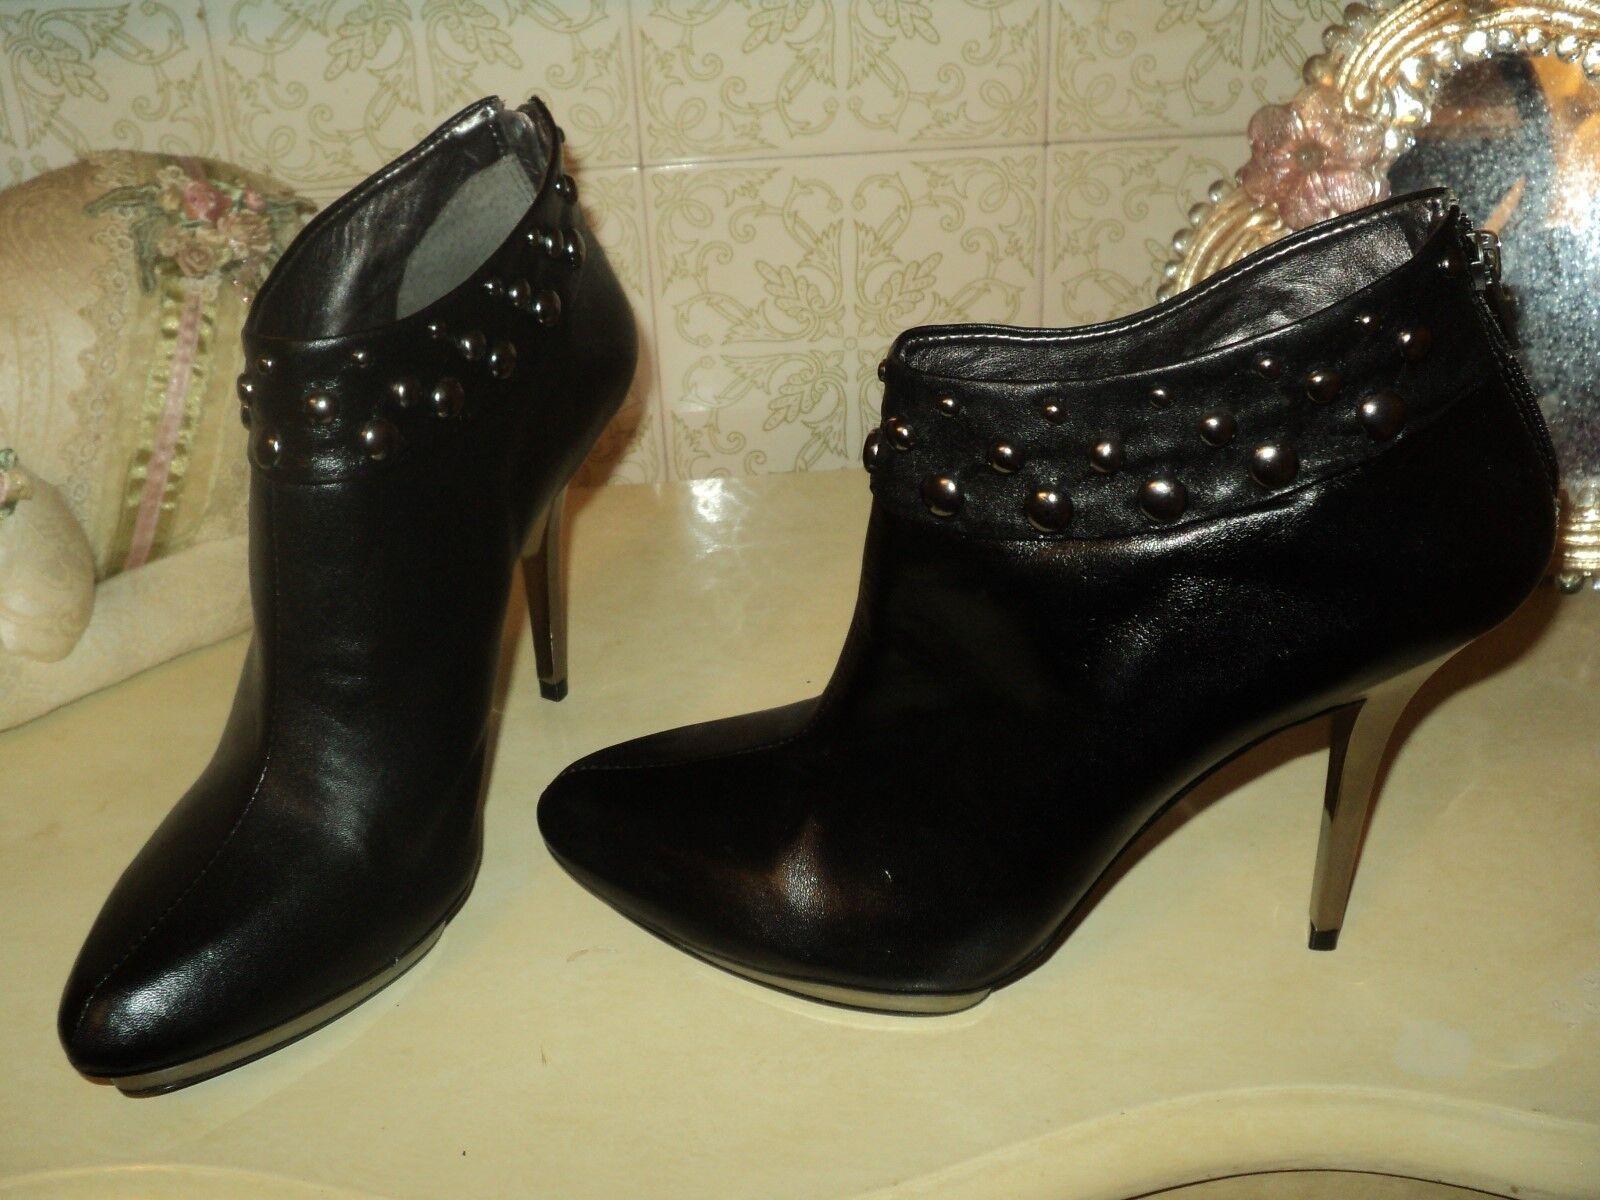 più economico TABITA nero  LEATHER ANKLE scarpe stivali RIVETS METALLIC STILETTO STILETTO STILETTO EU39UK6US8  omaggi allo stadio